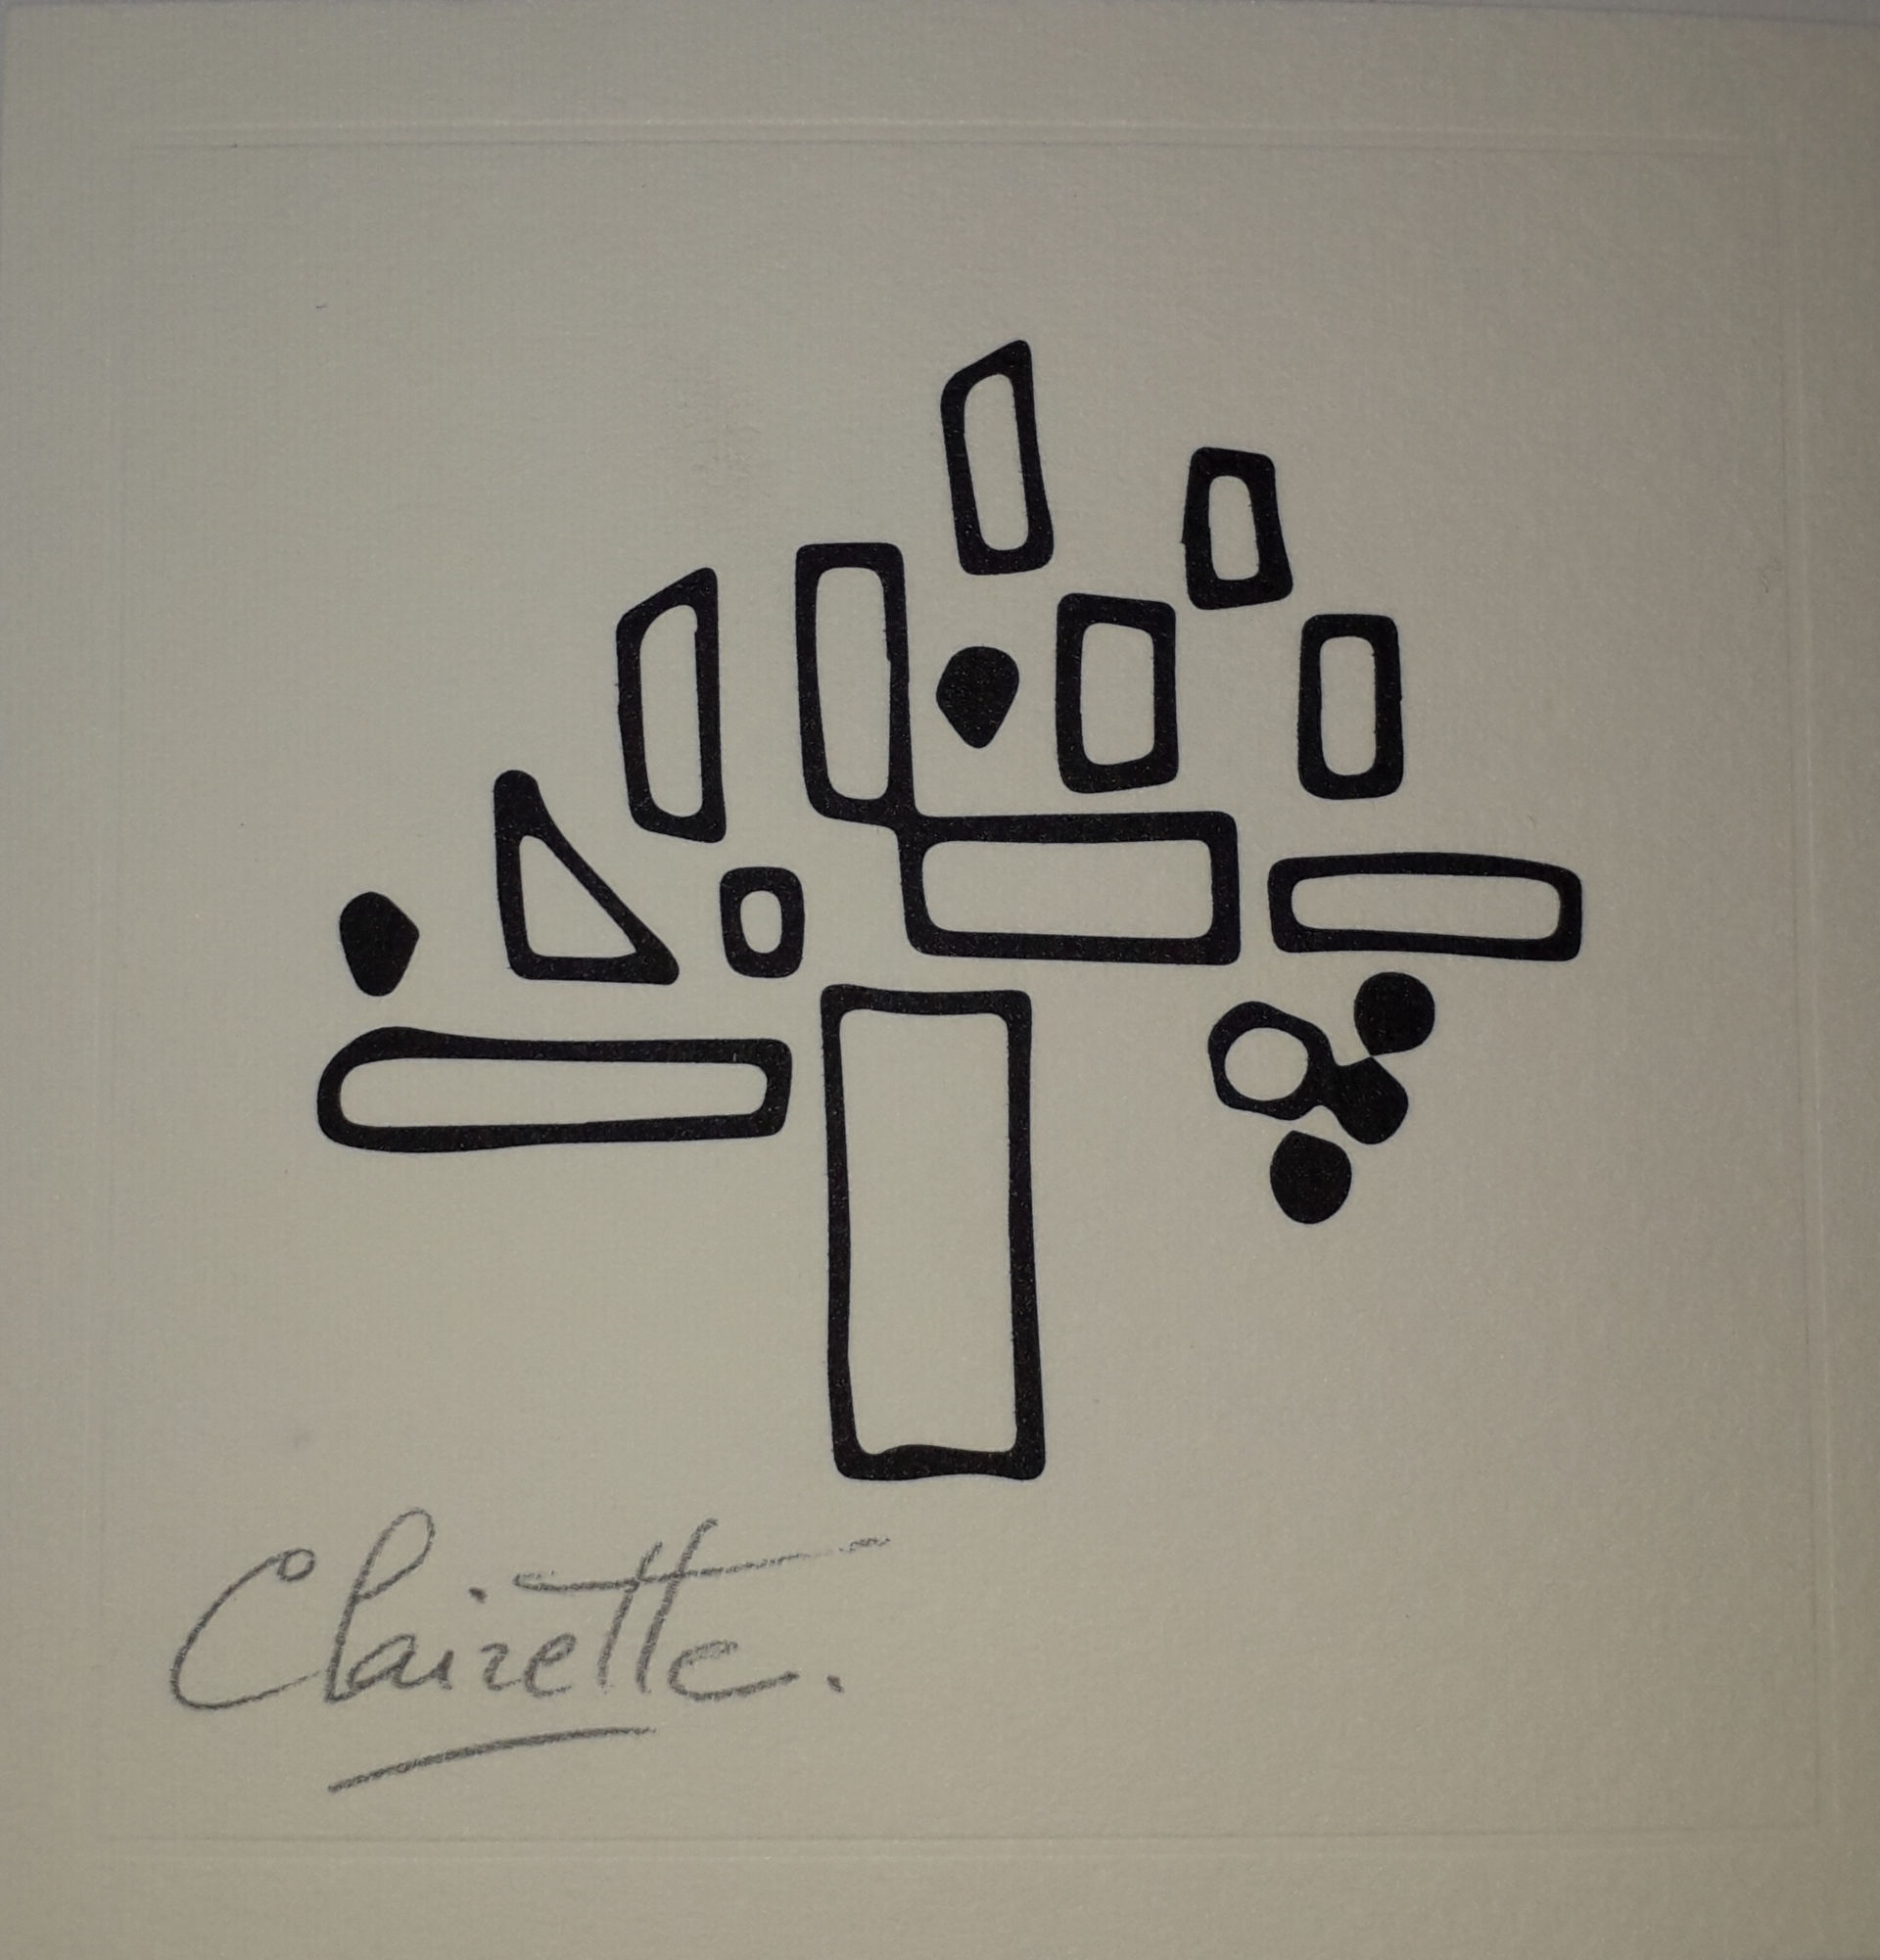 Clairette